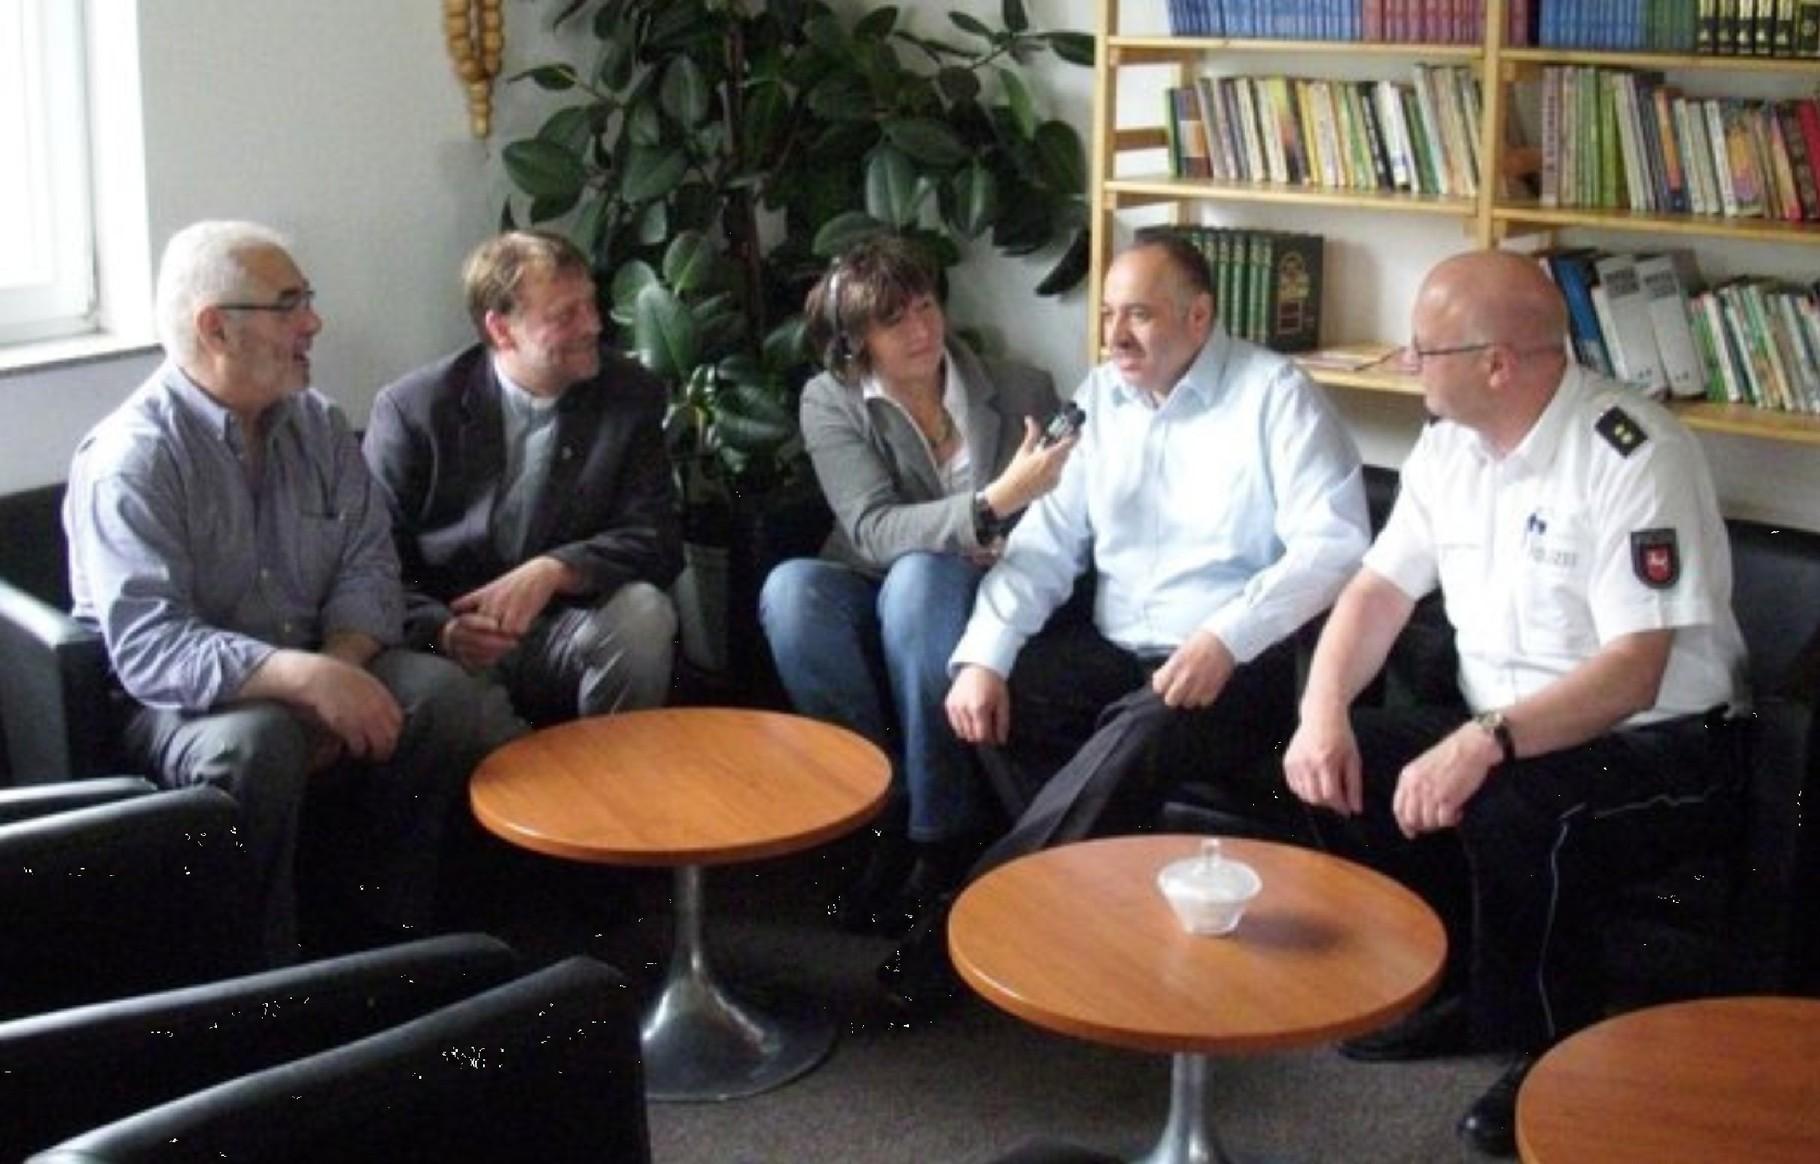 NDR Radioreportage zur Notfallseelsorge im Harz (14.08.2013)